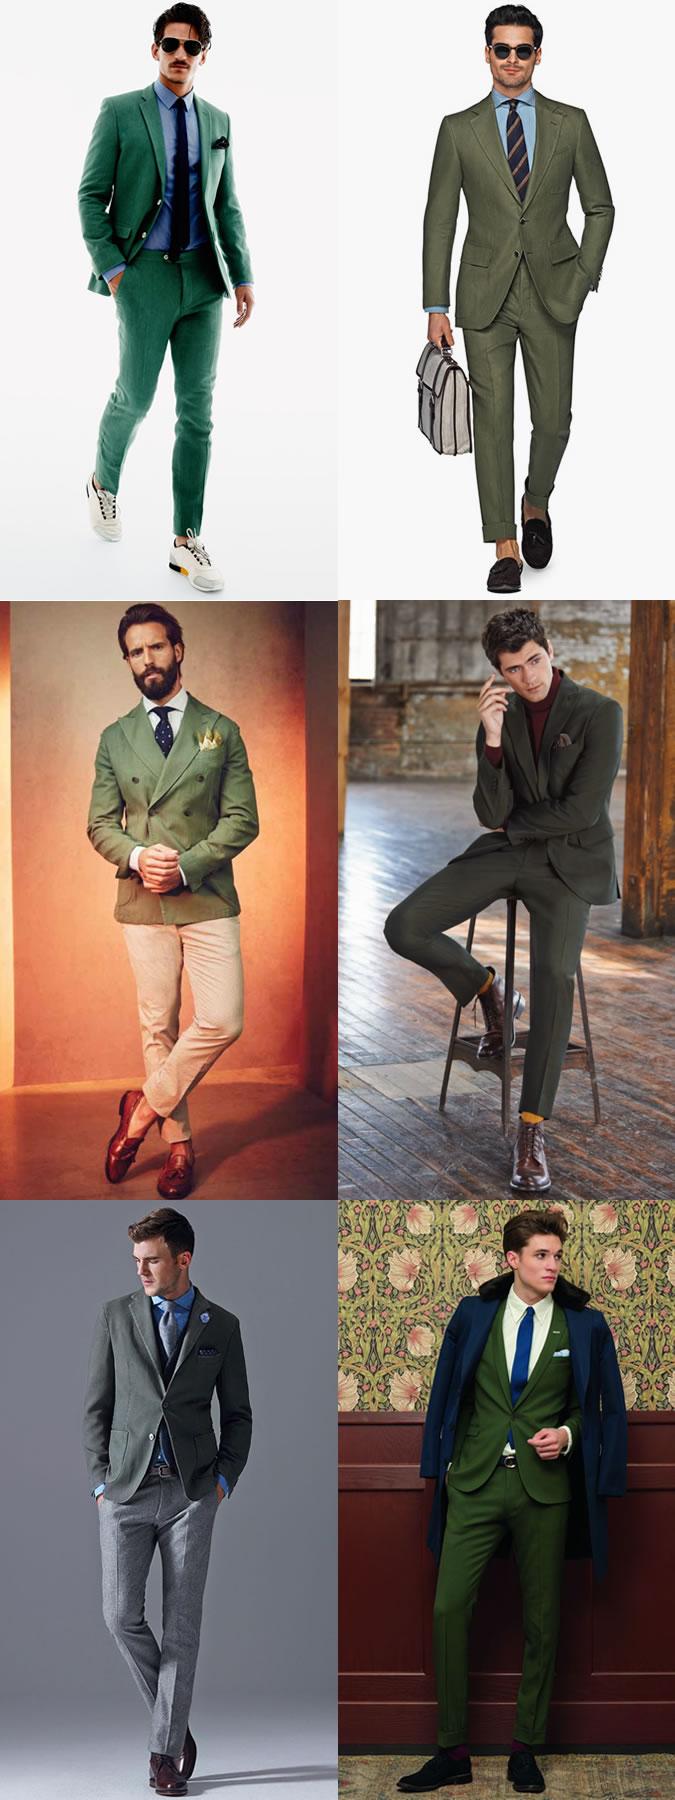 اصول پوشیدن لباس با رنگ سال۲۰۱۷ +تصاویر